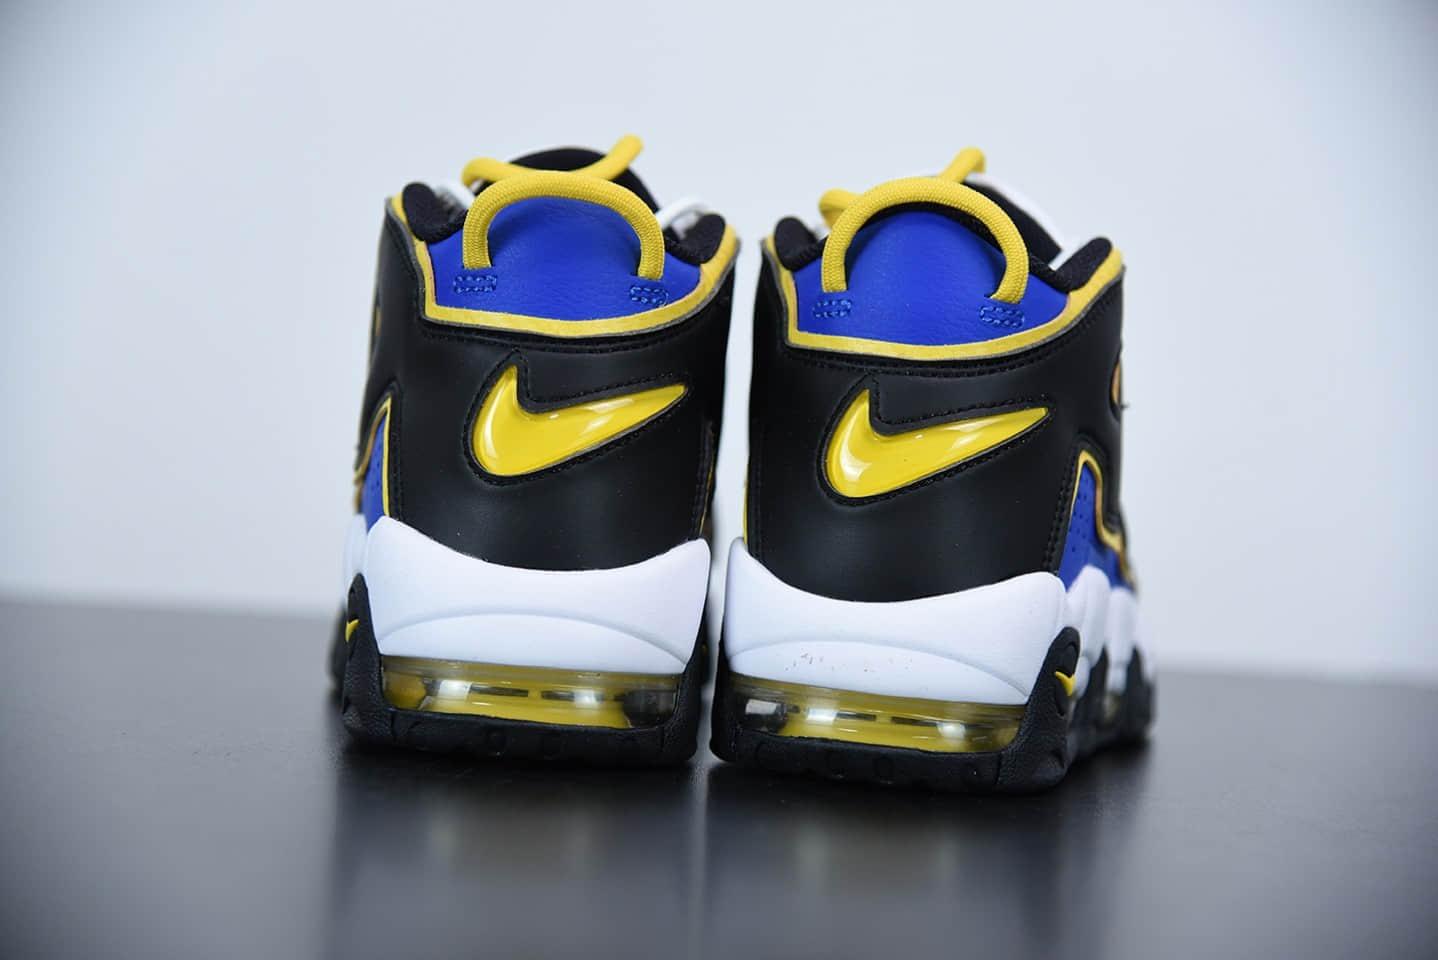 耐克Nike WMNS Air More Uptempo GSBarely Green 皮蓬黑黄蓝色篮球鞋纯原版本 货号:DC7300-400